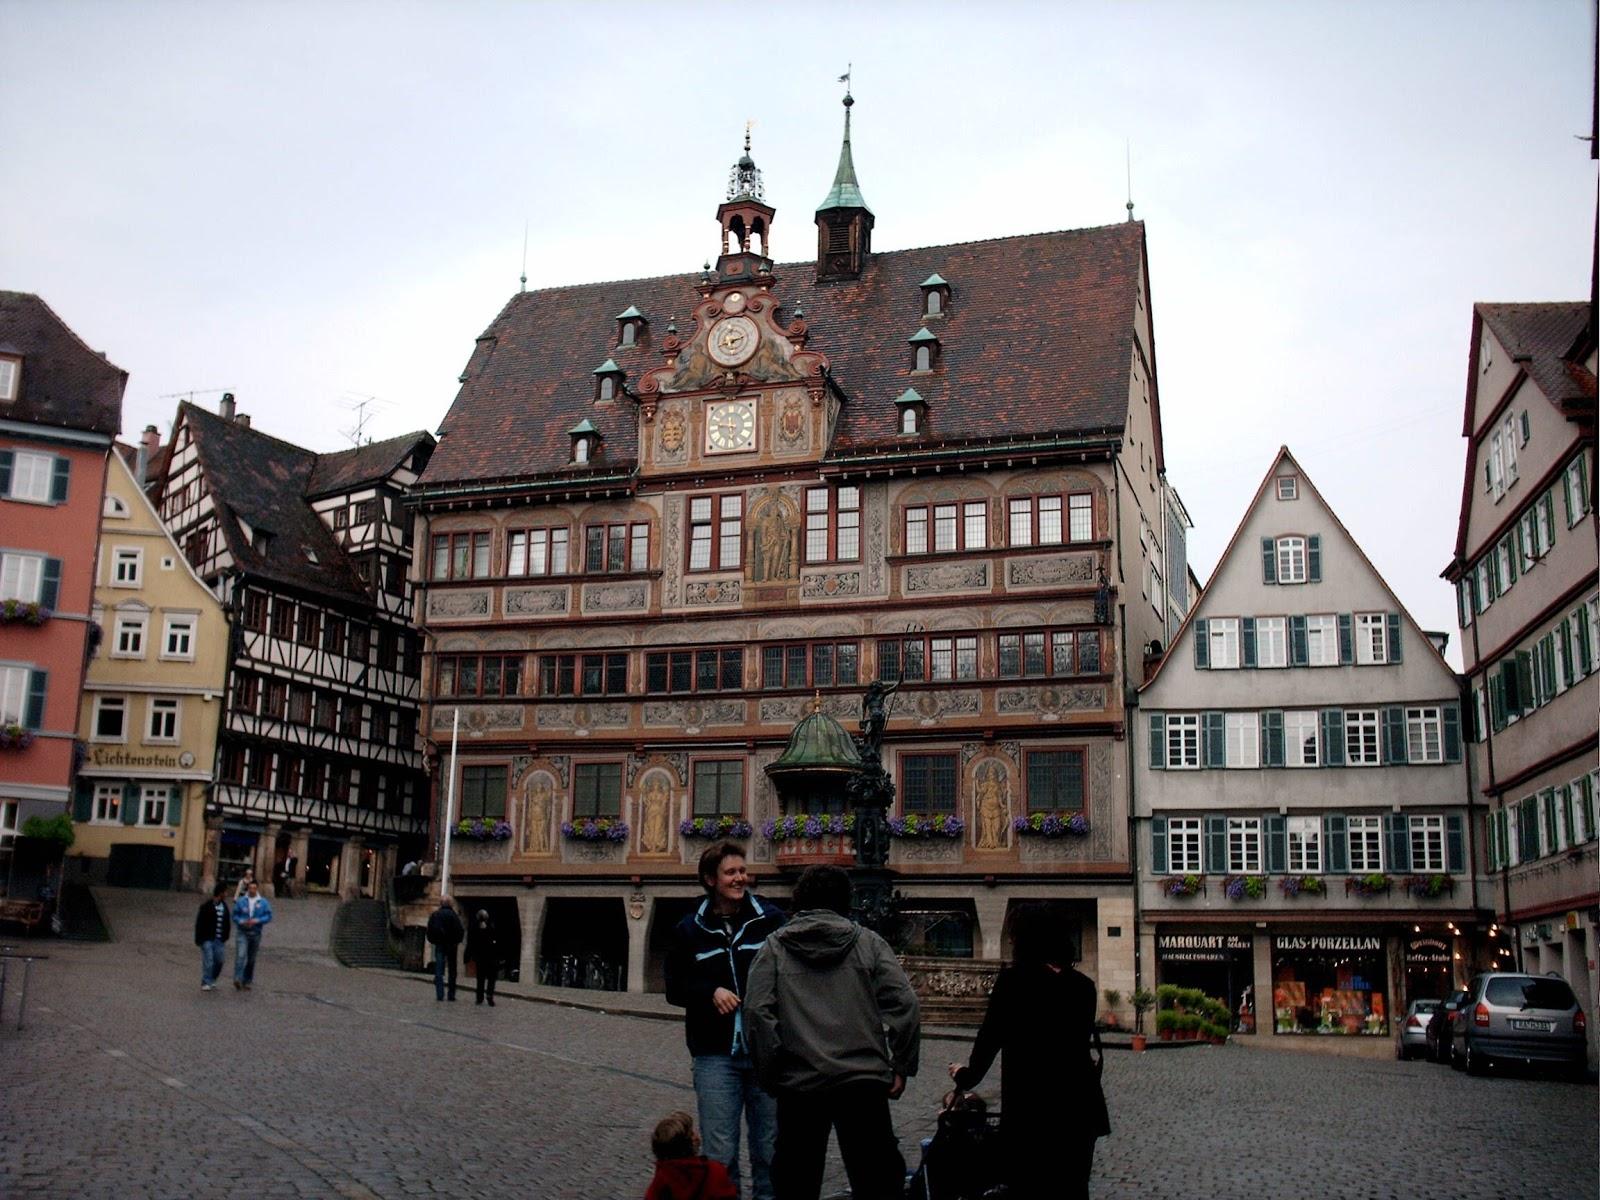 Hachingen